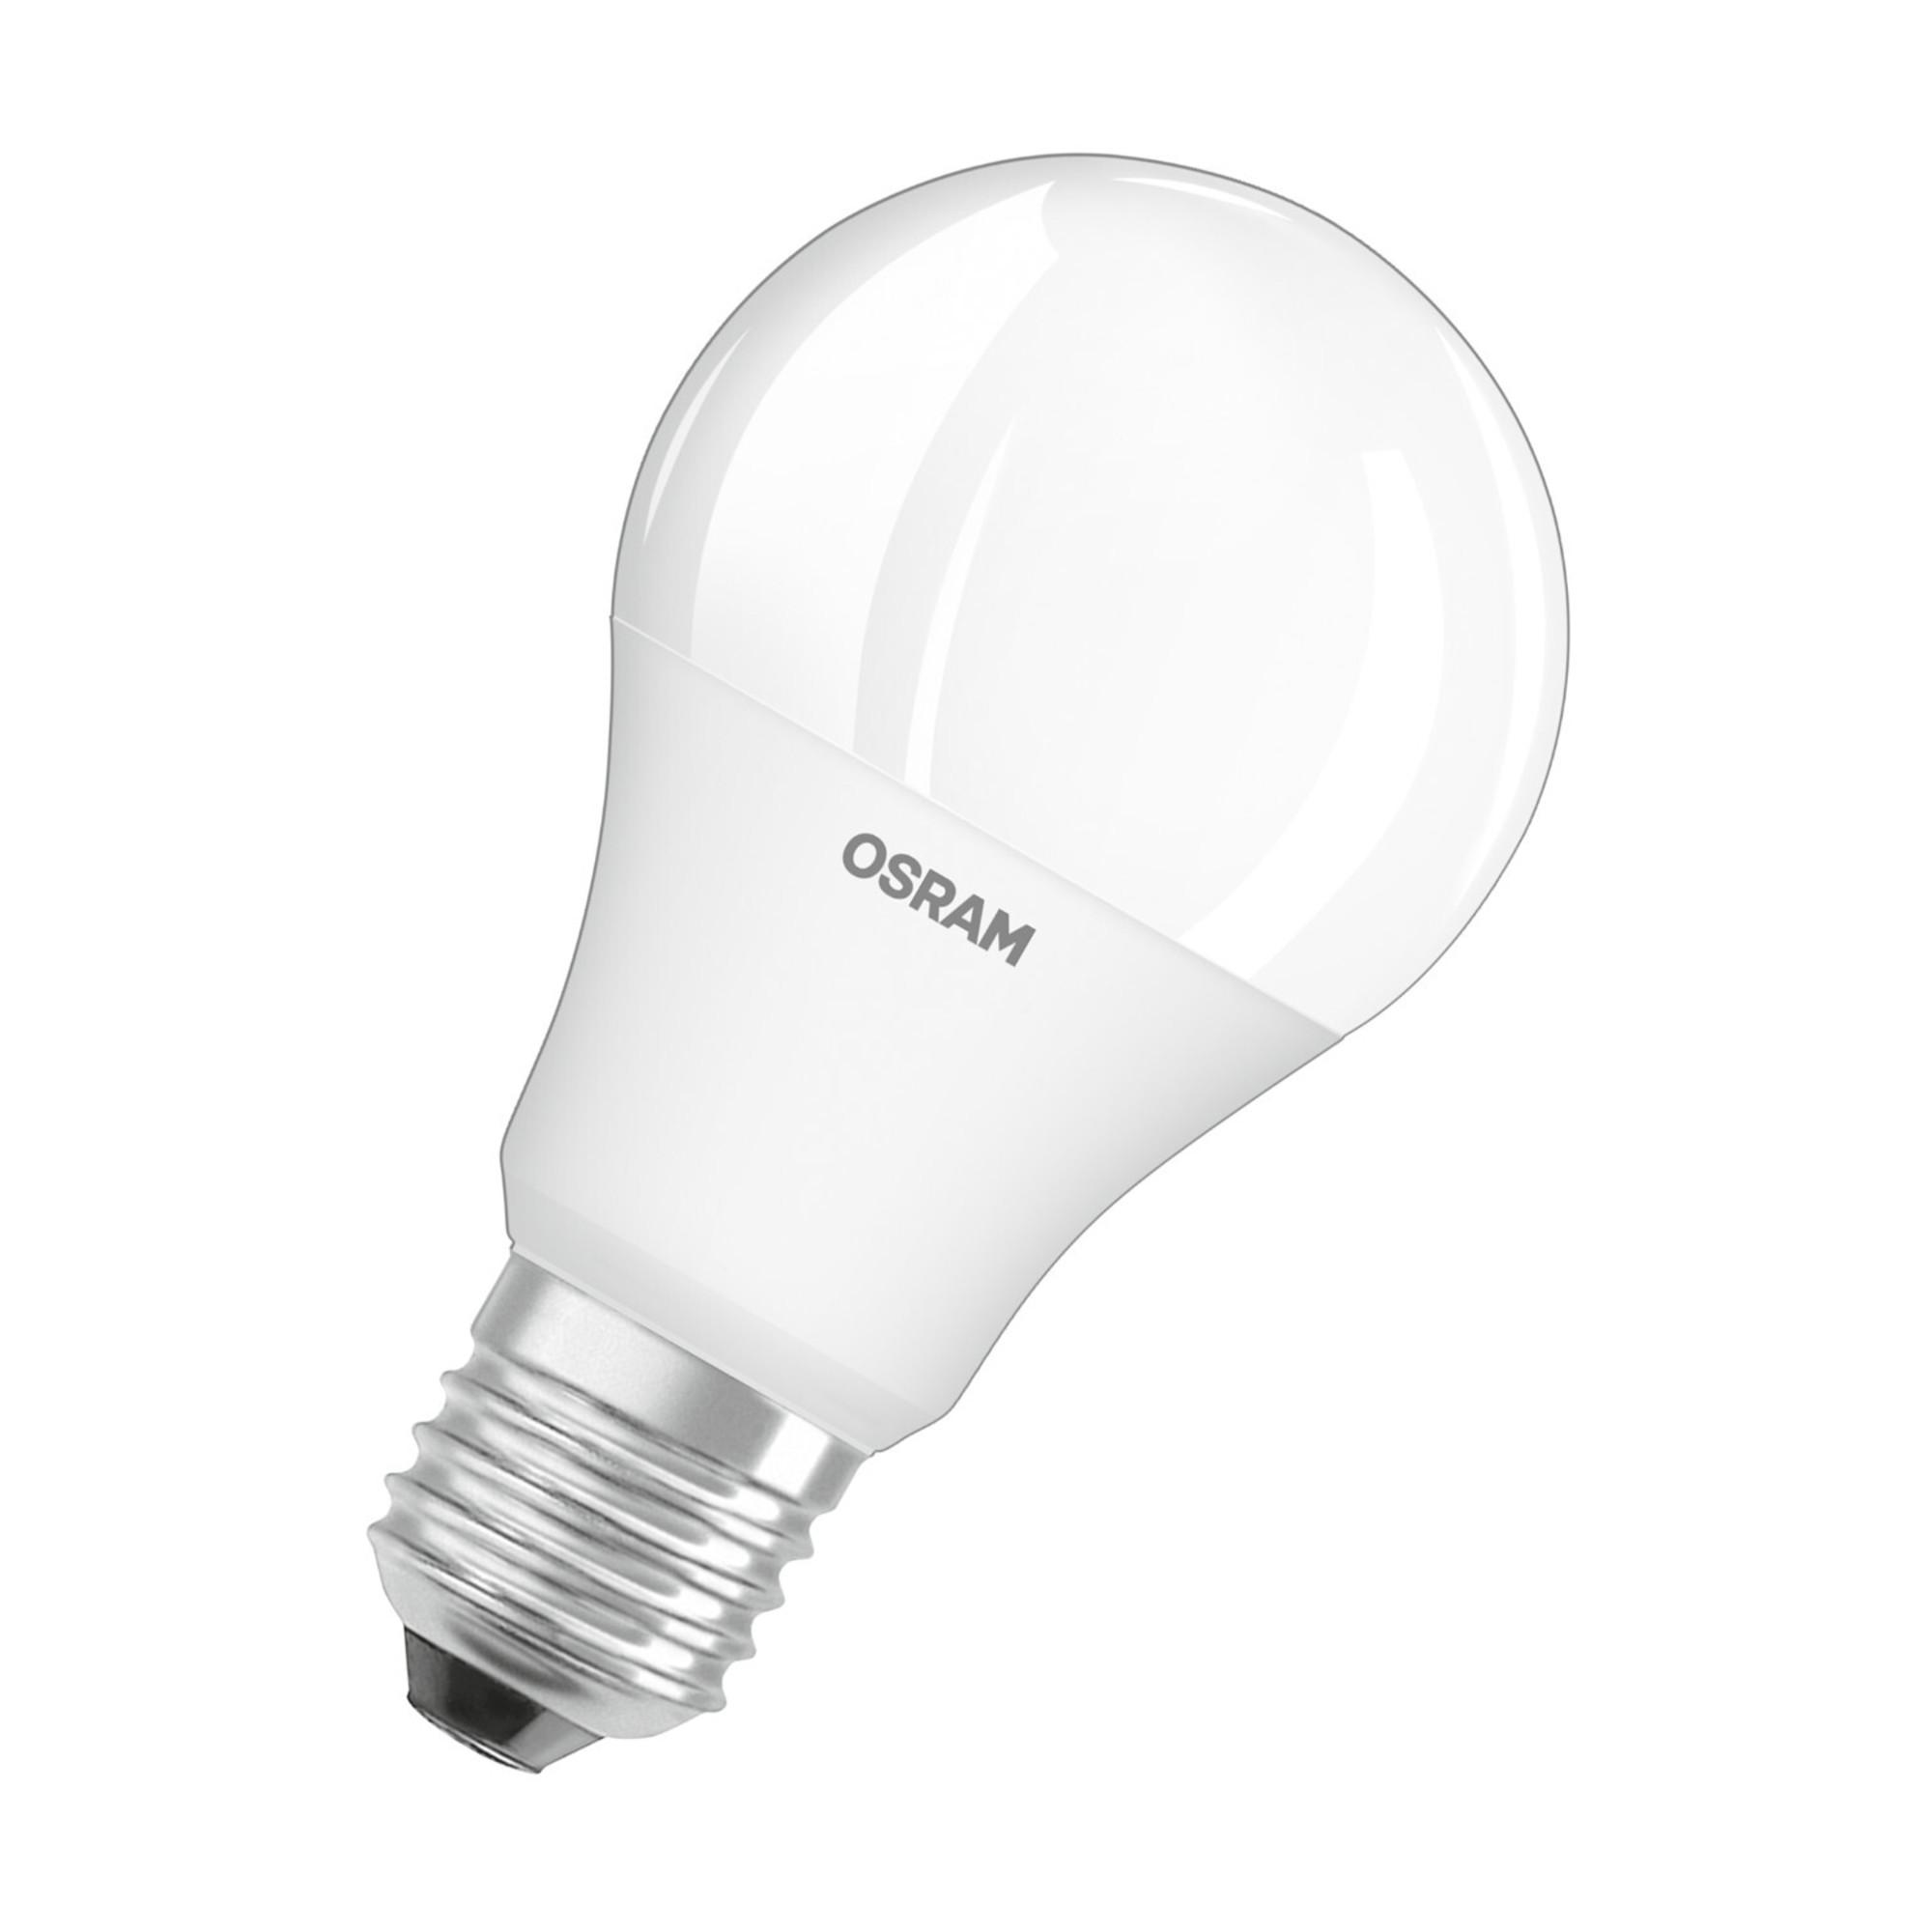 Лампа светодиодная Osram E27 220-240 В 9 Вт груша матовая 806 лм регулируемый цвет света RGBW для диммера с пультом ДУ